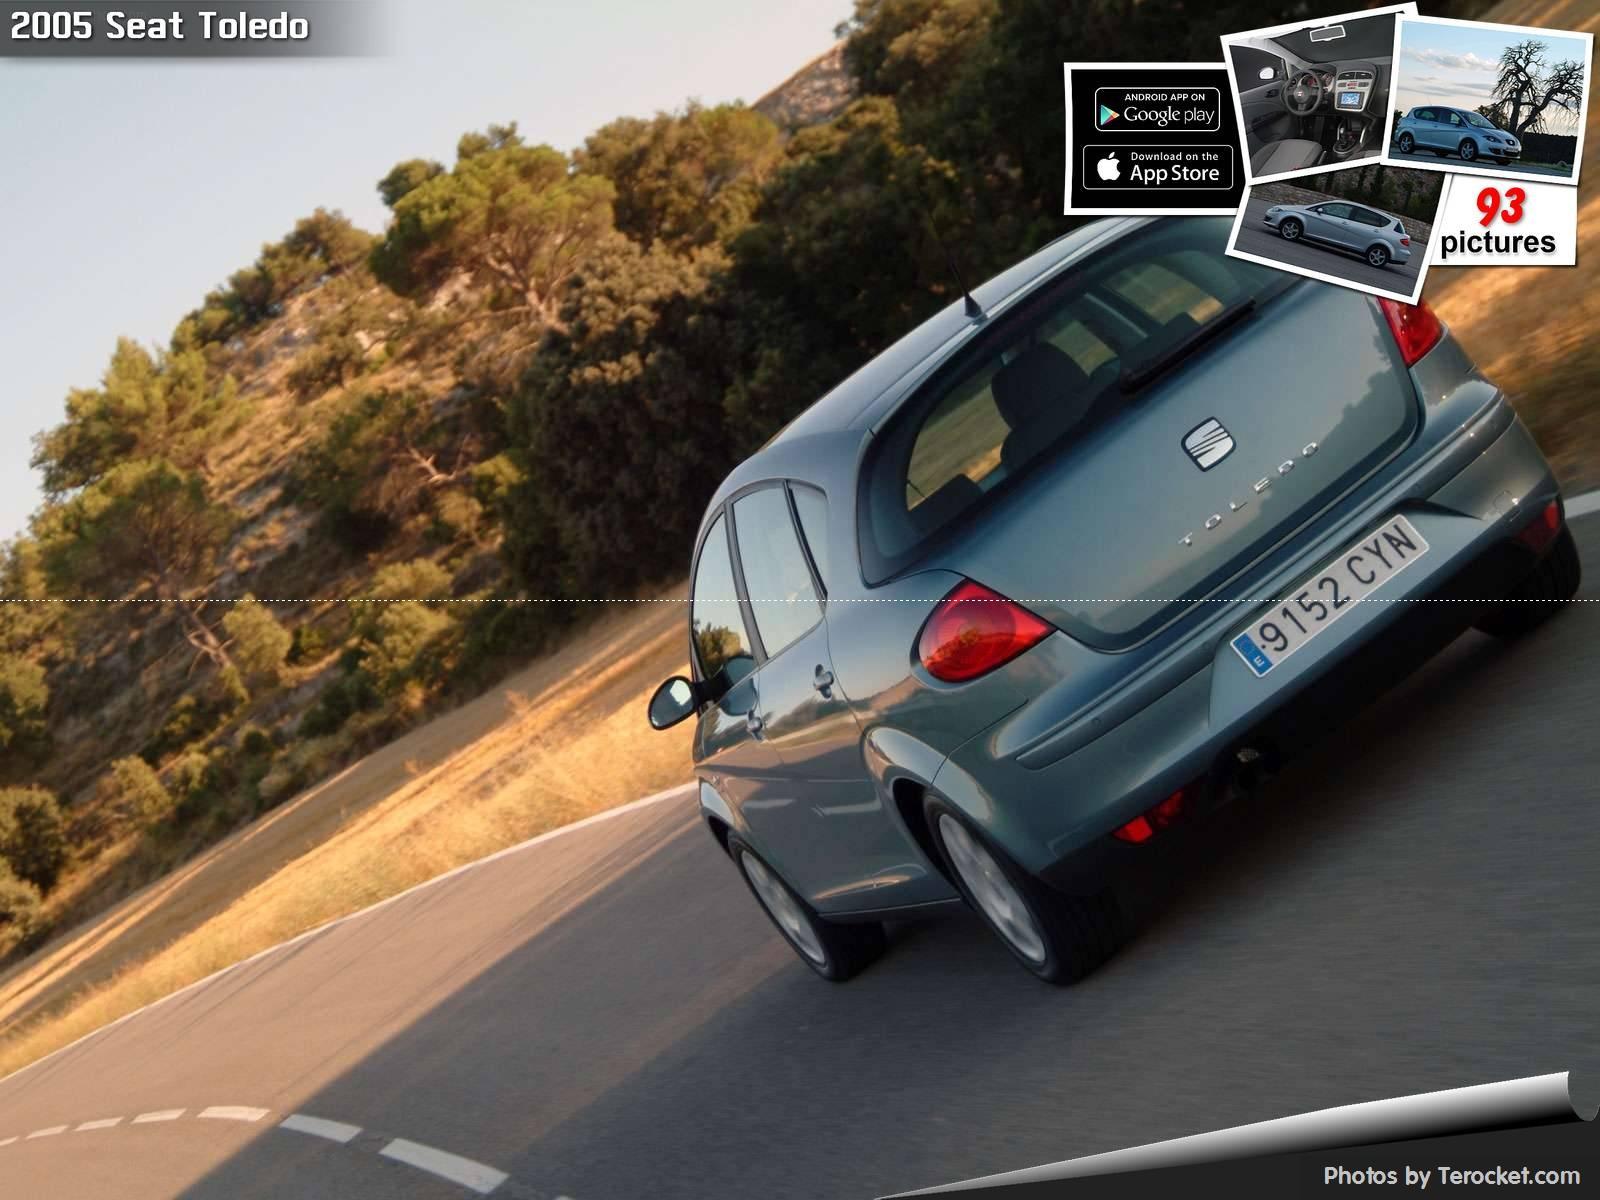 Hình ảnh xe ô tô Seat Toledo 2005 & nội ngoại thất